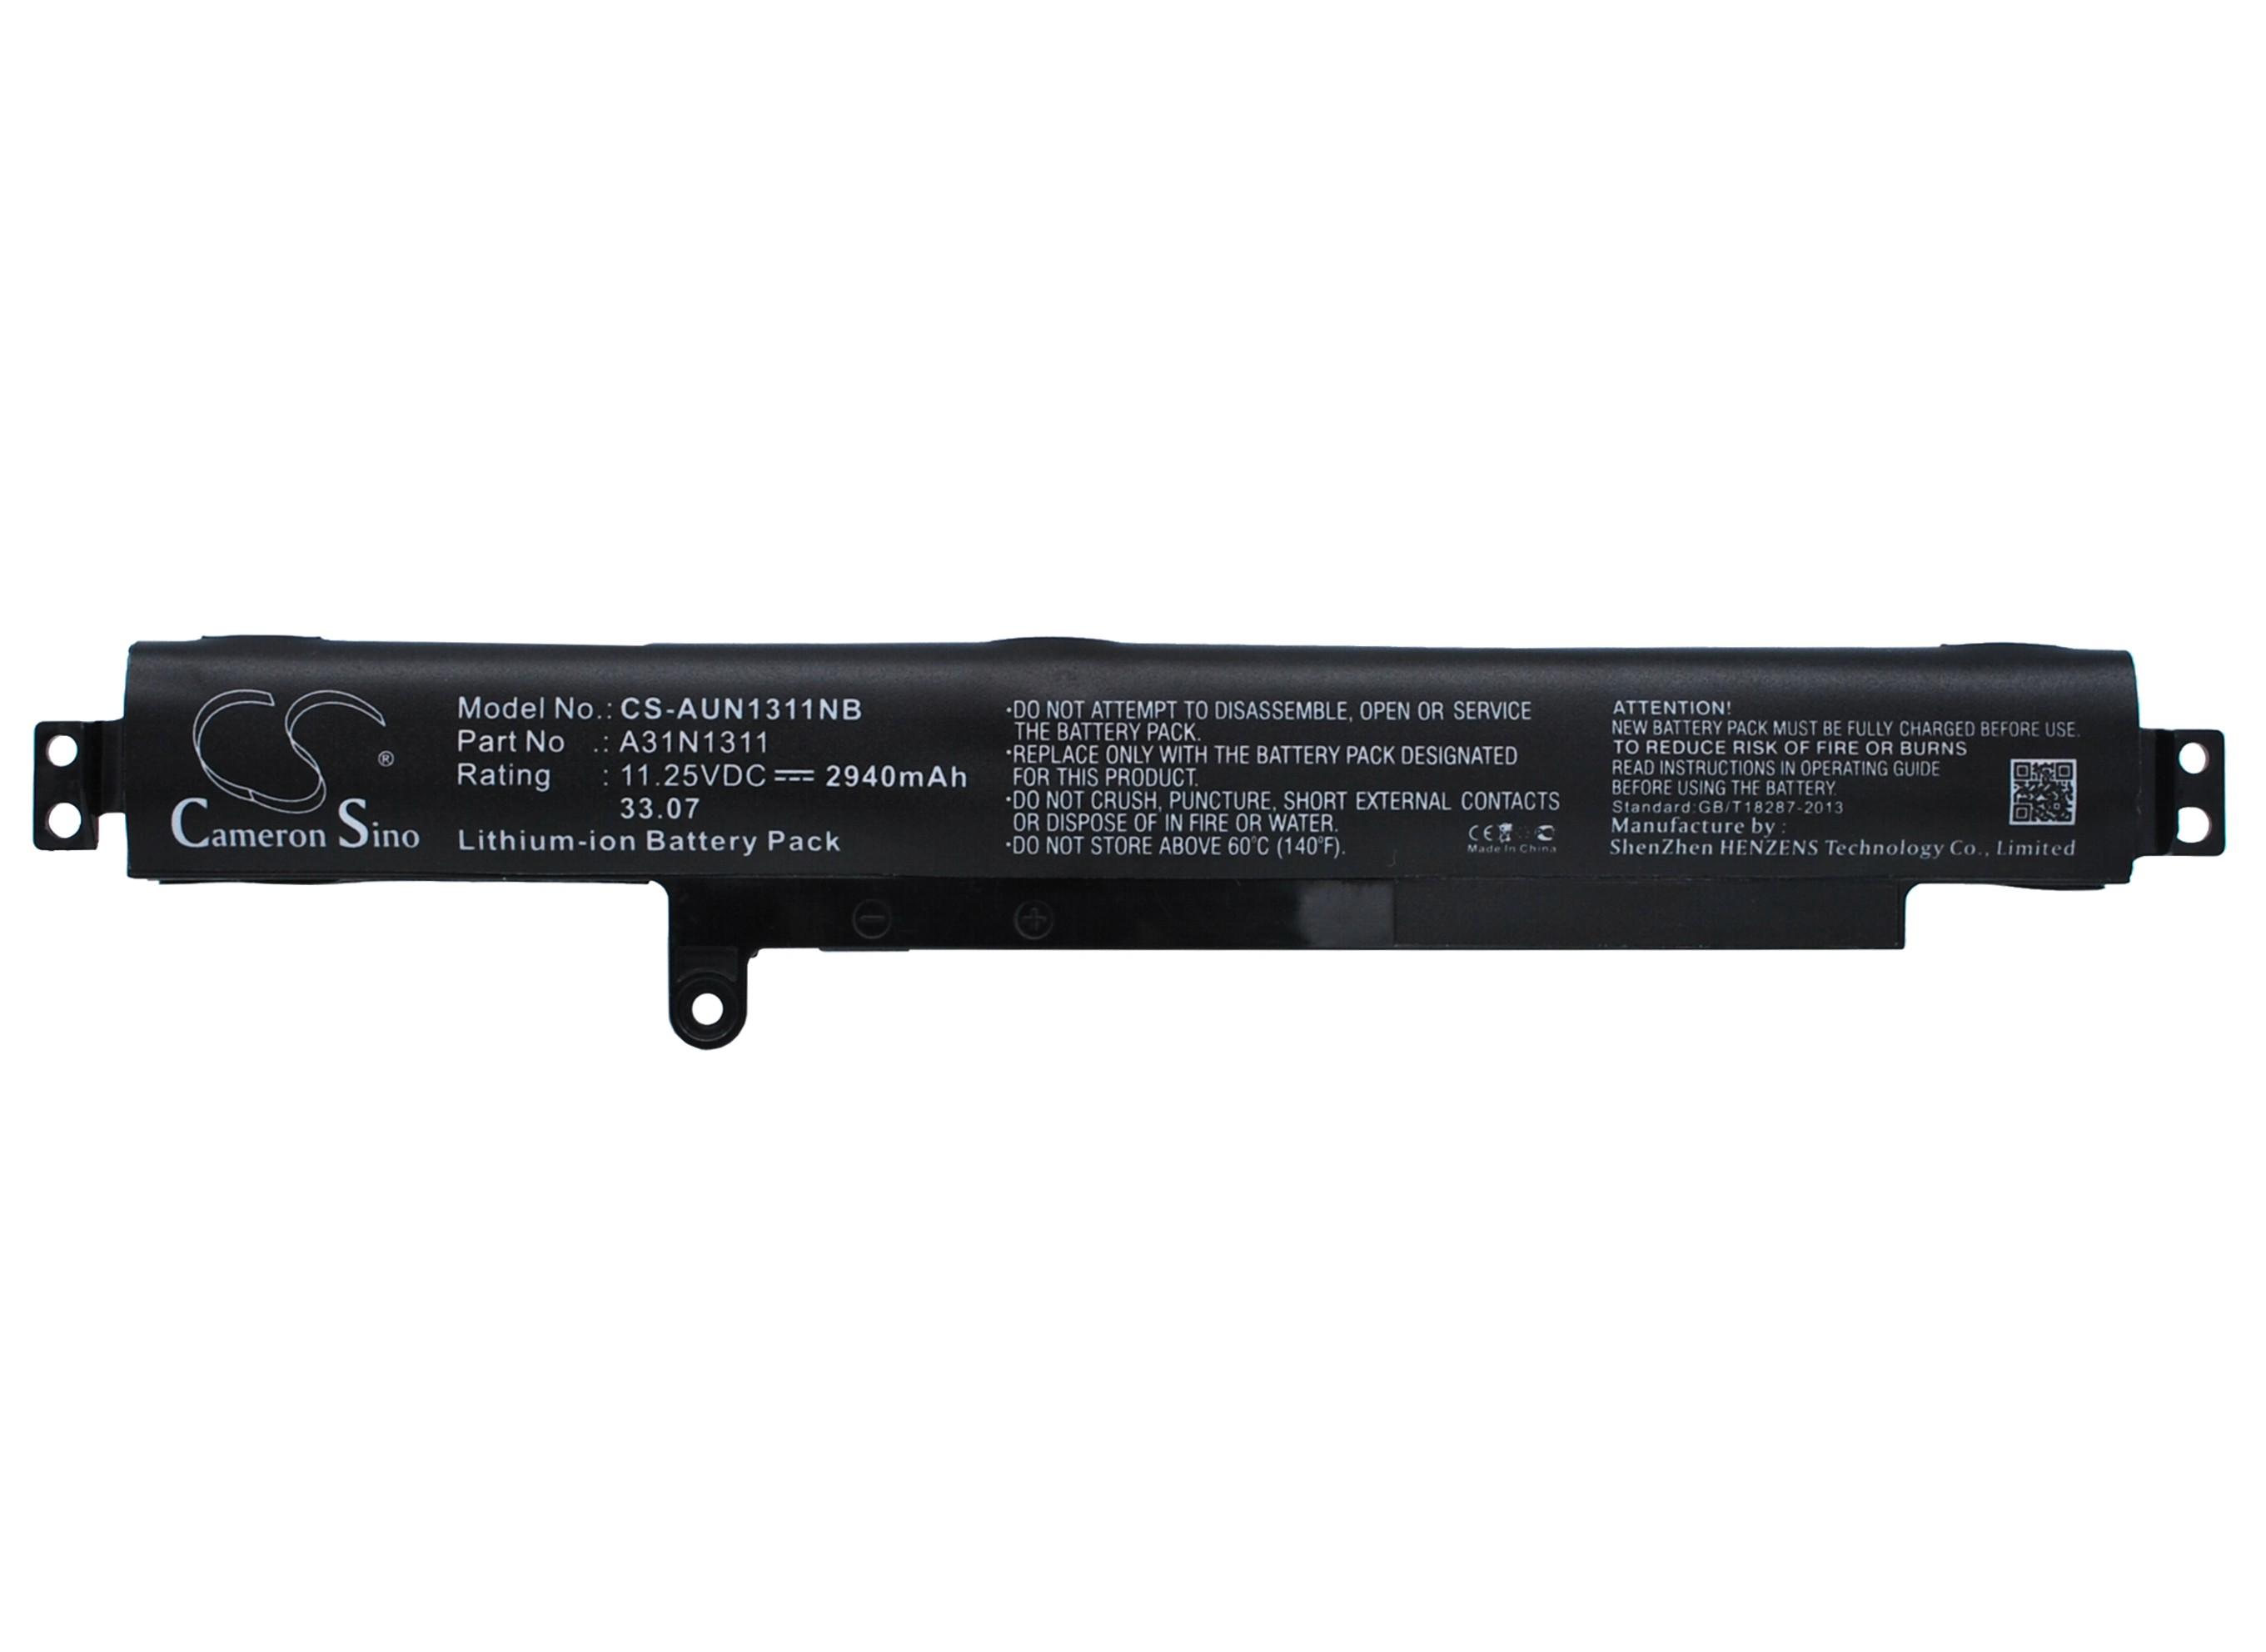 Cameron Sino baterie do notebooků pro ASUS VivoBook X102B 11.25V Li-ion 2940mAh černá - neoriginální